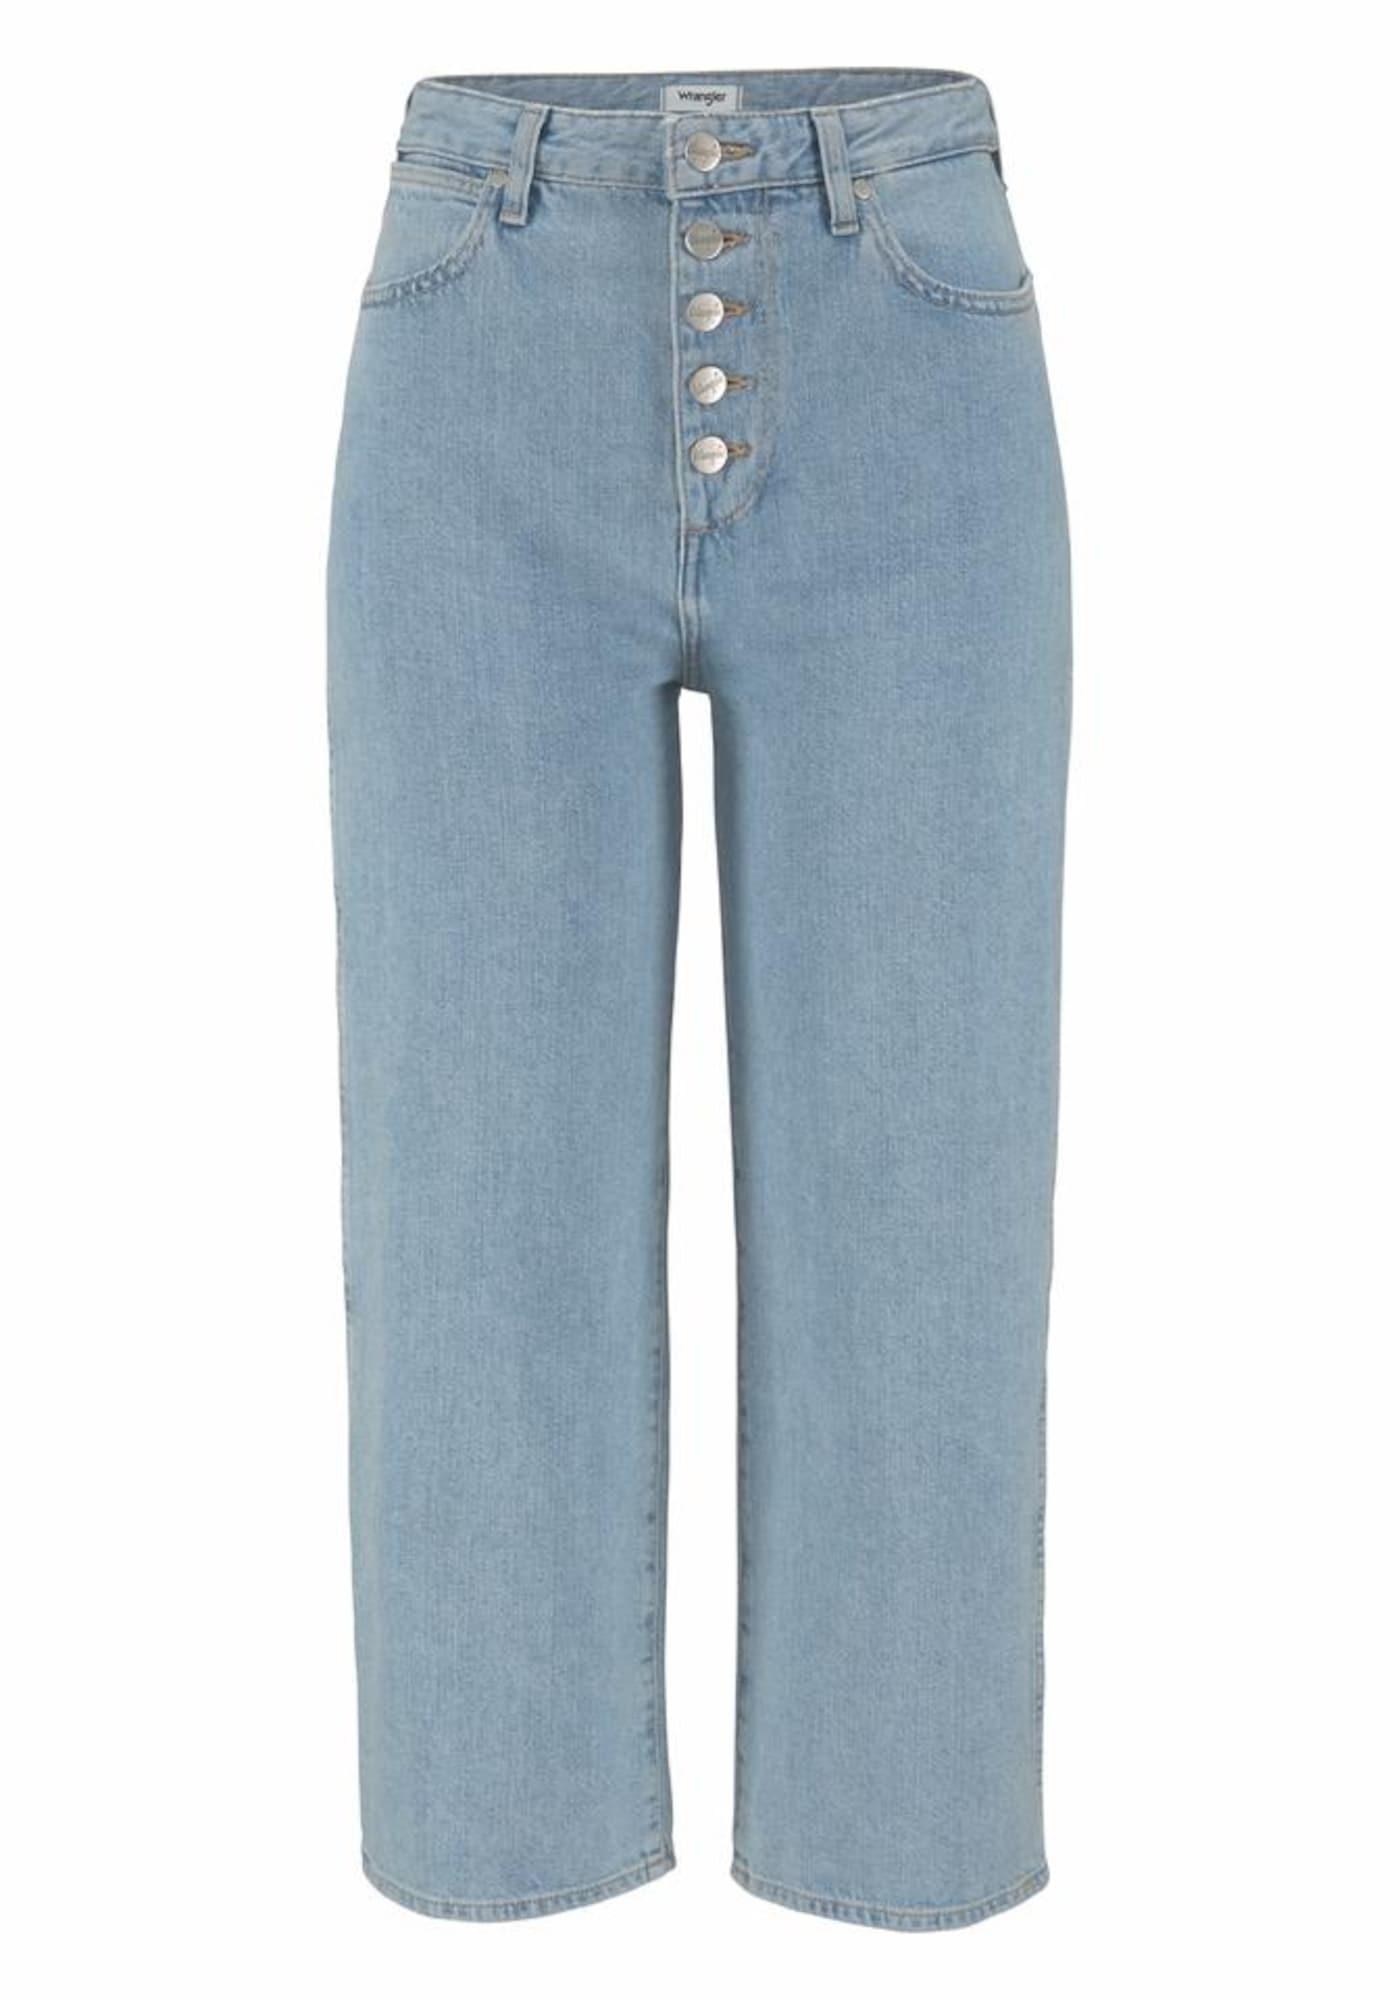 WRANGLER Dames Jeans RETRO CROP BOYFRIEND lichtblauw